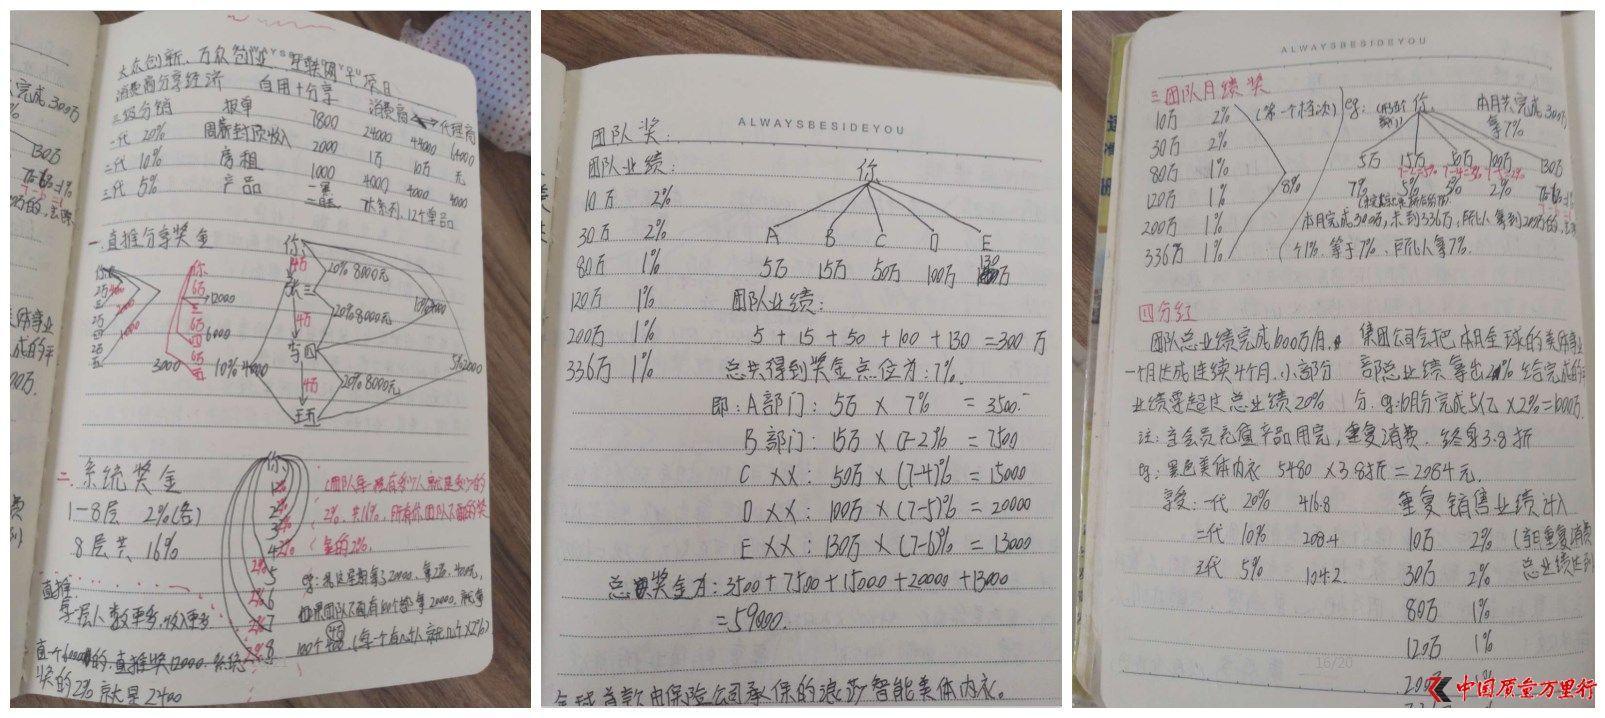 荣格奖金制度详细介绍 - 河南郑州荣格直销商「方老师」